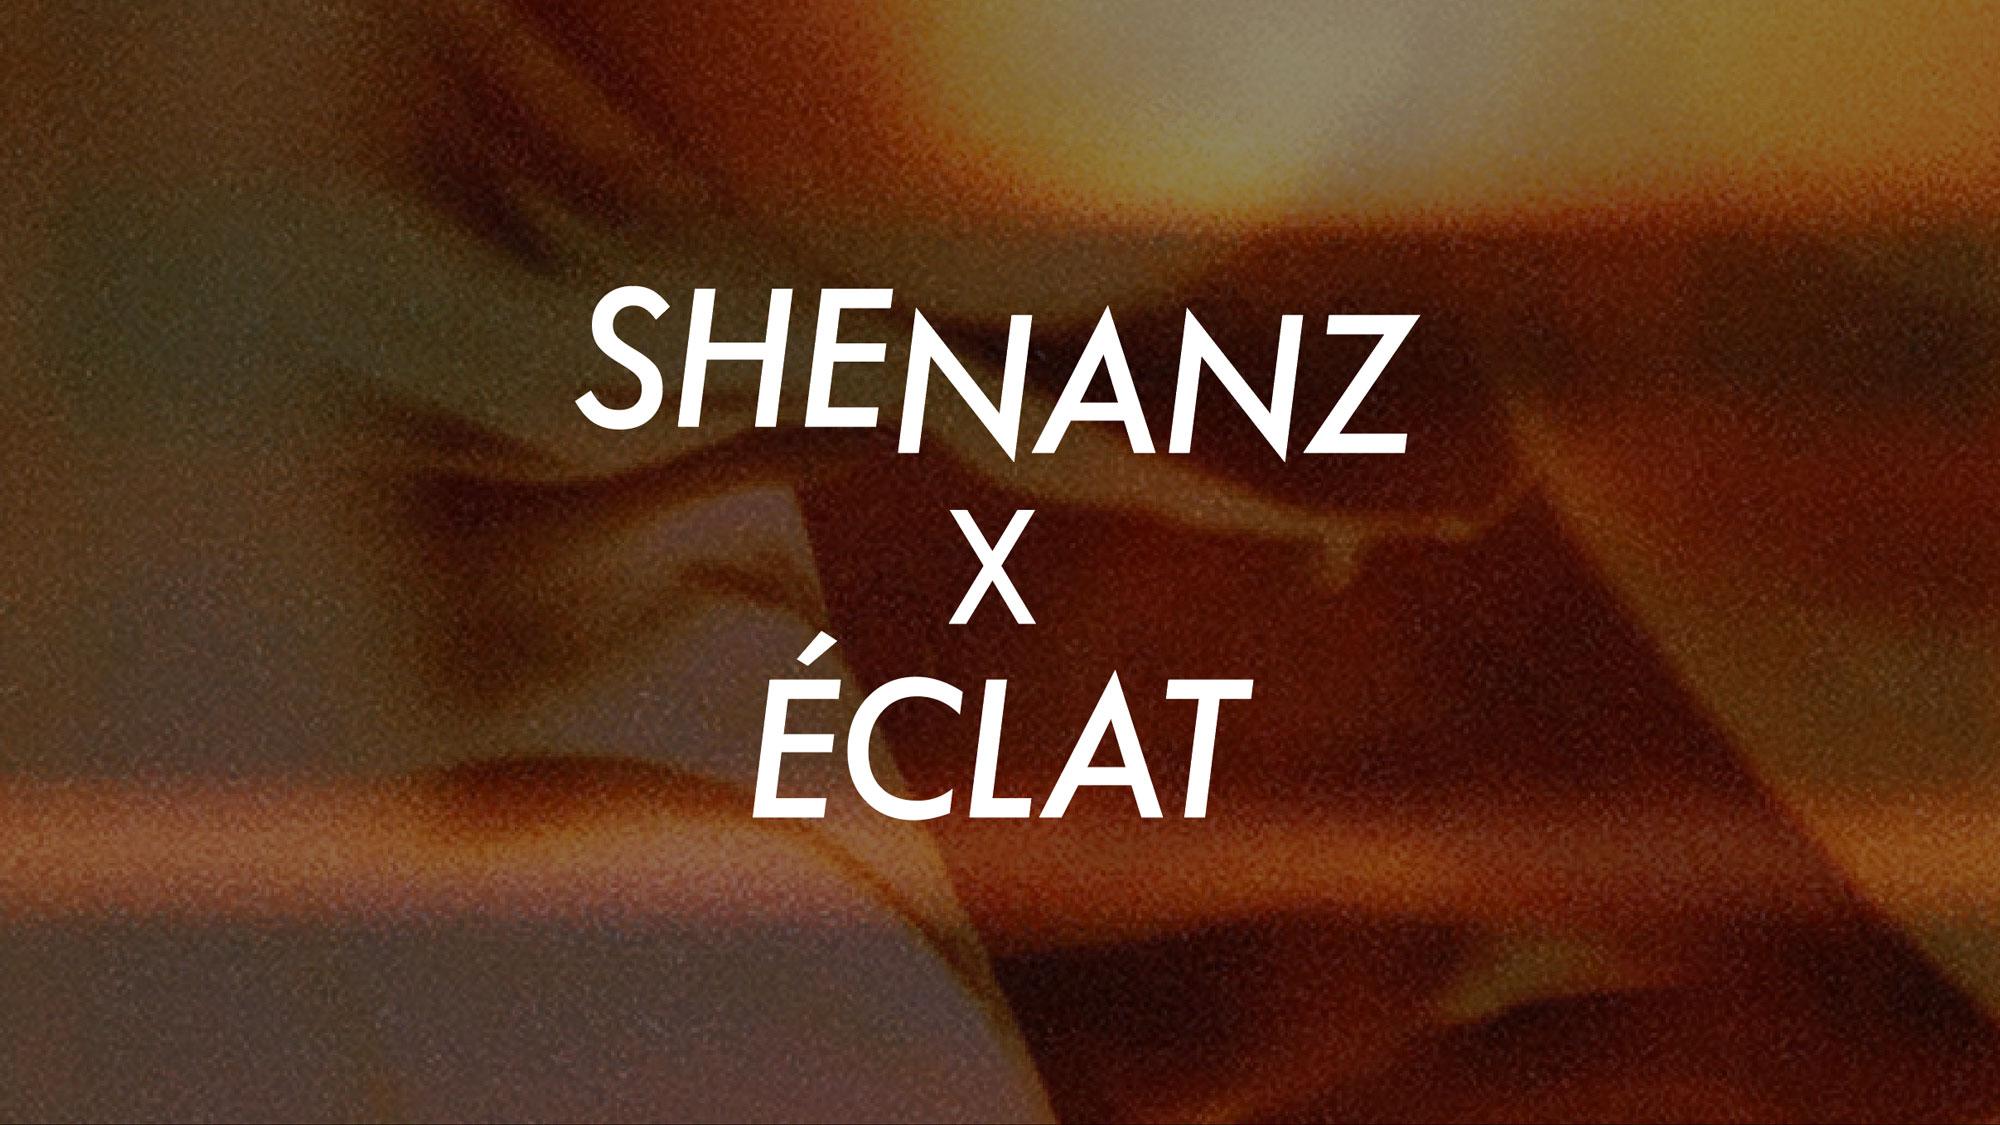 SHENANZ Feb 2020